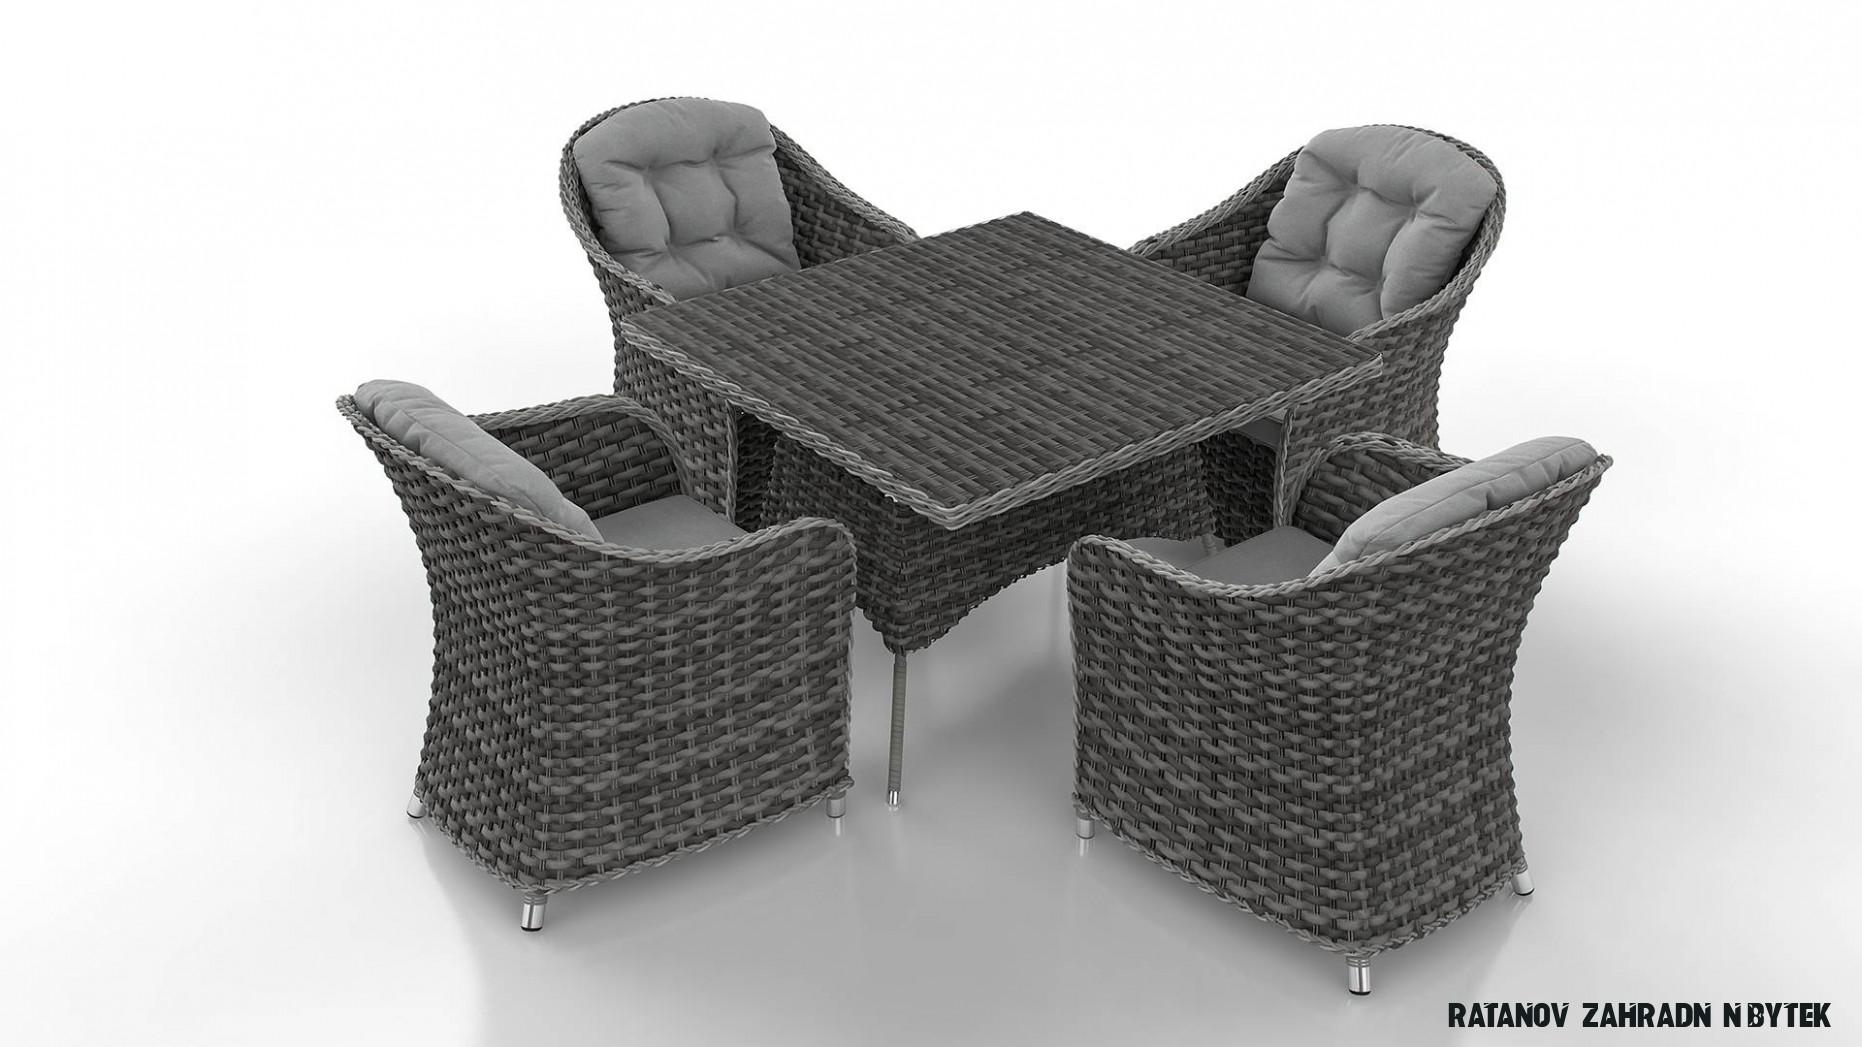 Zahradní nábytek umělý ratan ACRES S - Zahradní nábytek jídelní